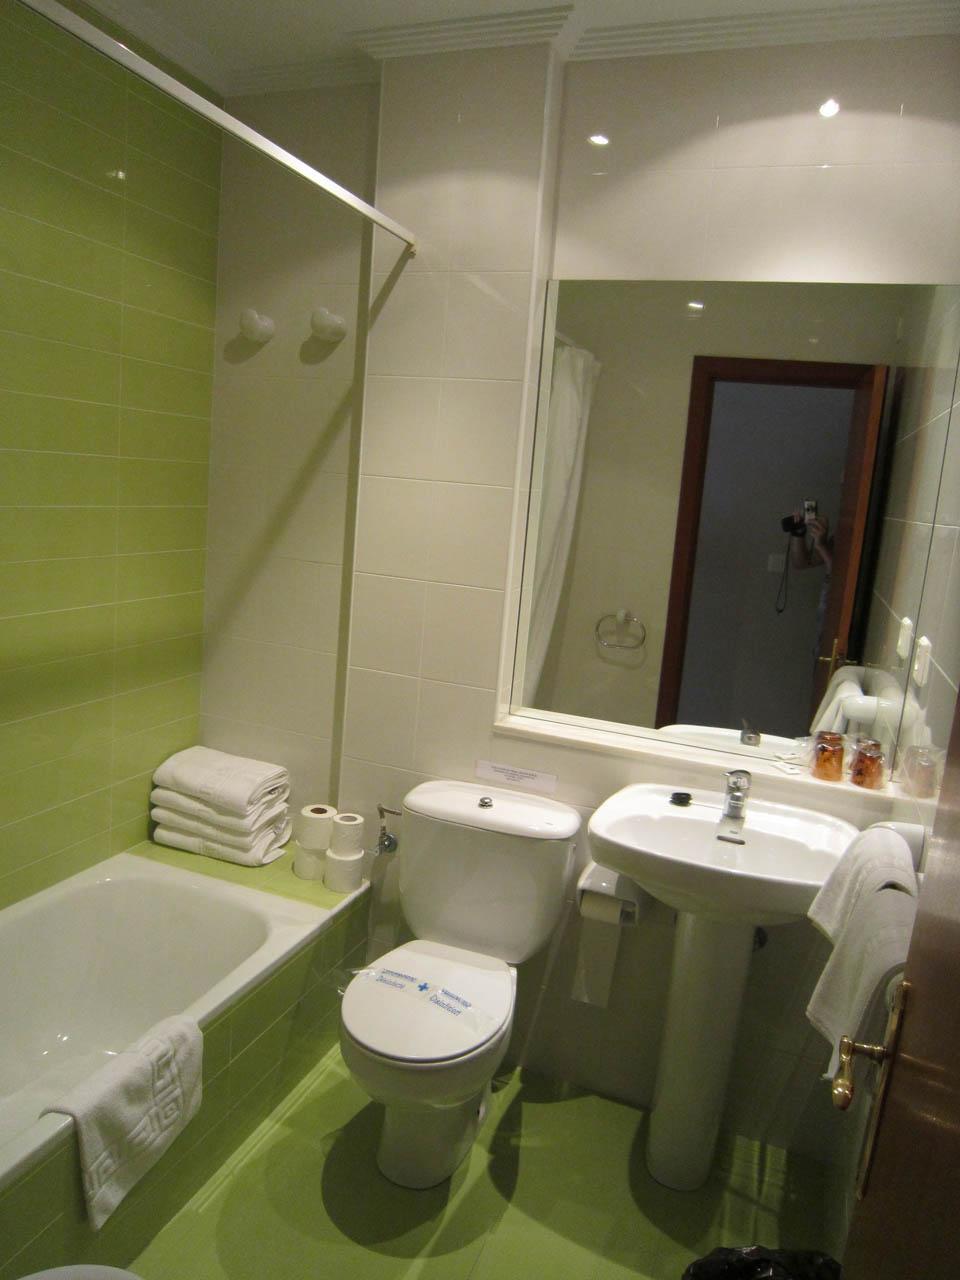 hotel en laredo bano-de-apto-elena_